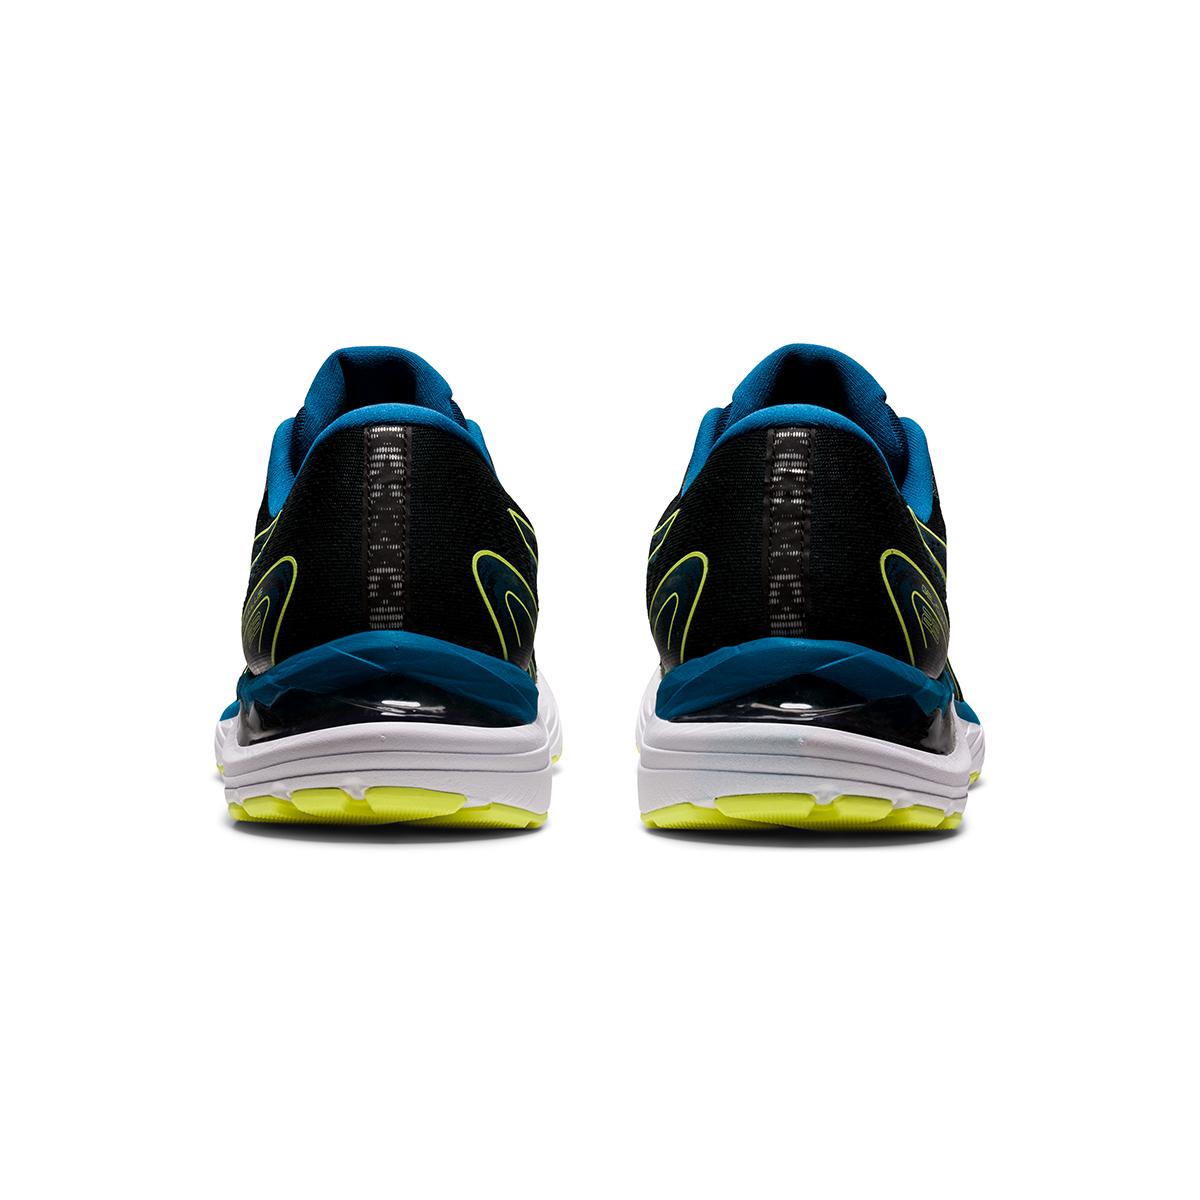 Men's Asics Gel-Cumulus 23 Running Shoe - Color: Black/Glow Yellow - Size: 7 - Width: Regular, Black/Glow Yellow, large, image 5